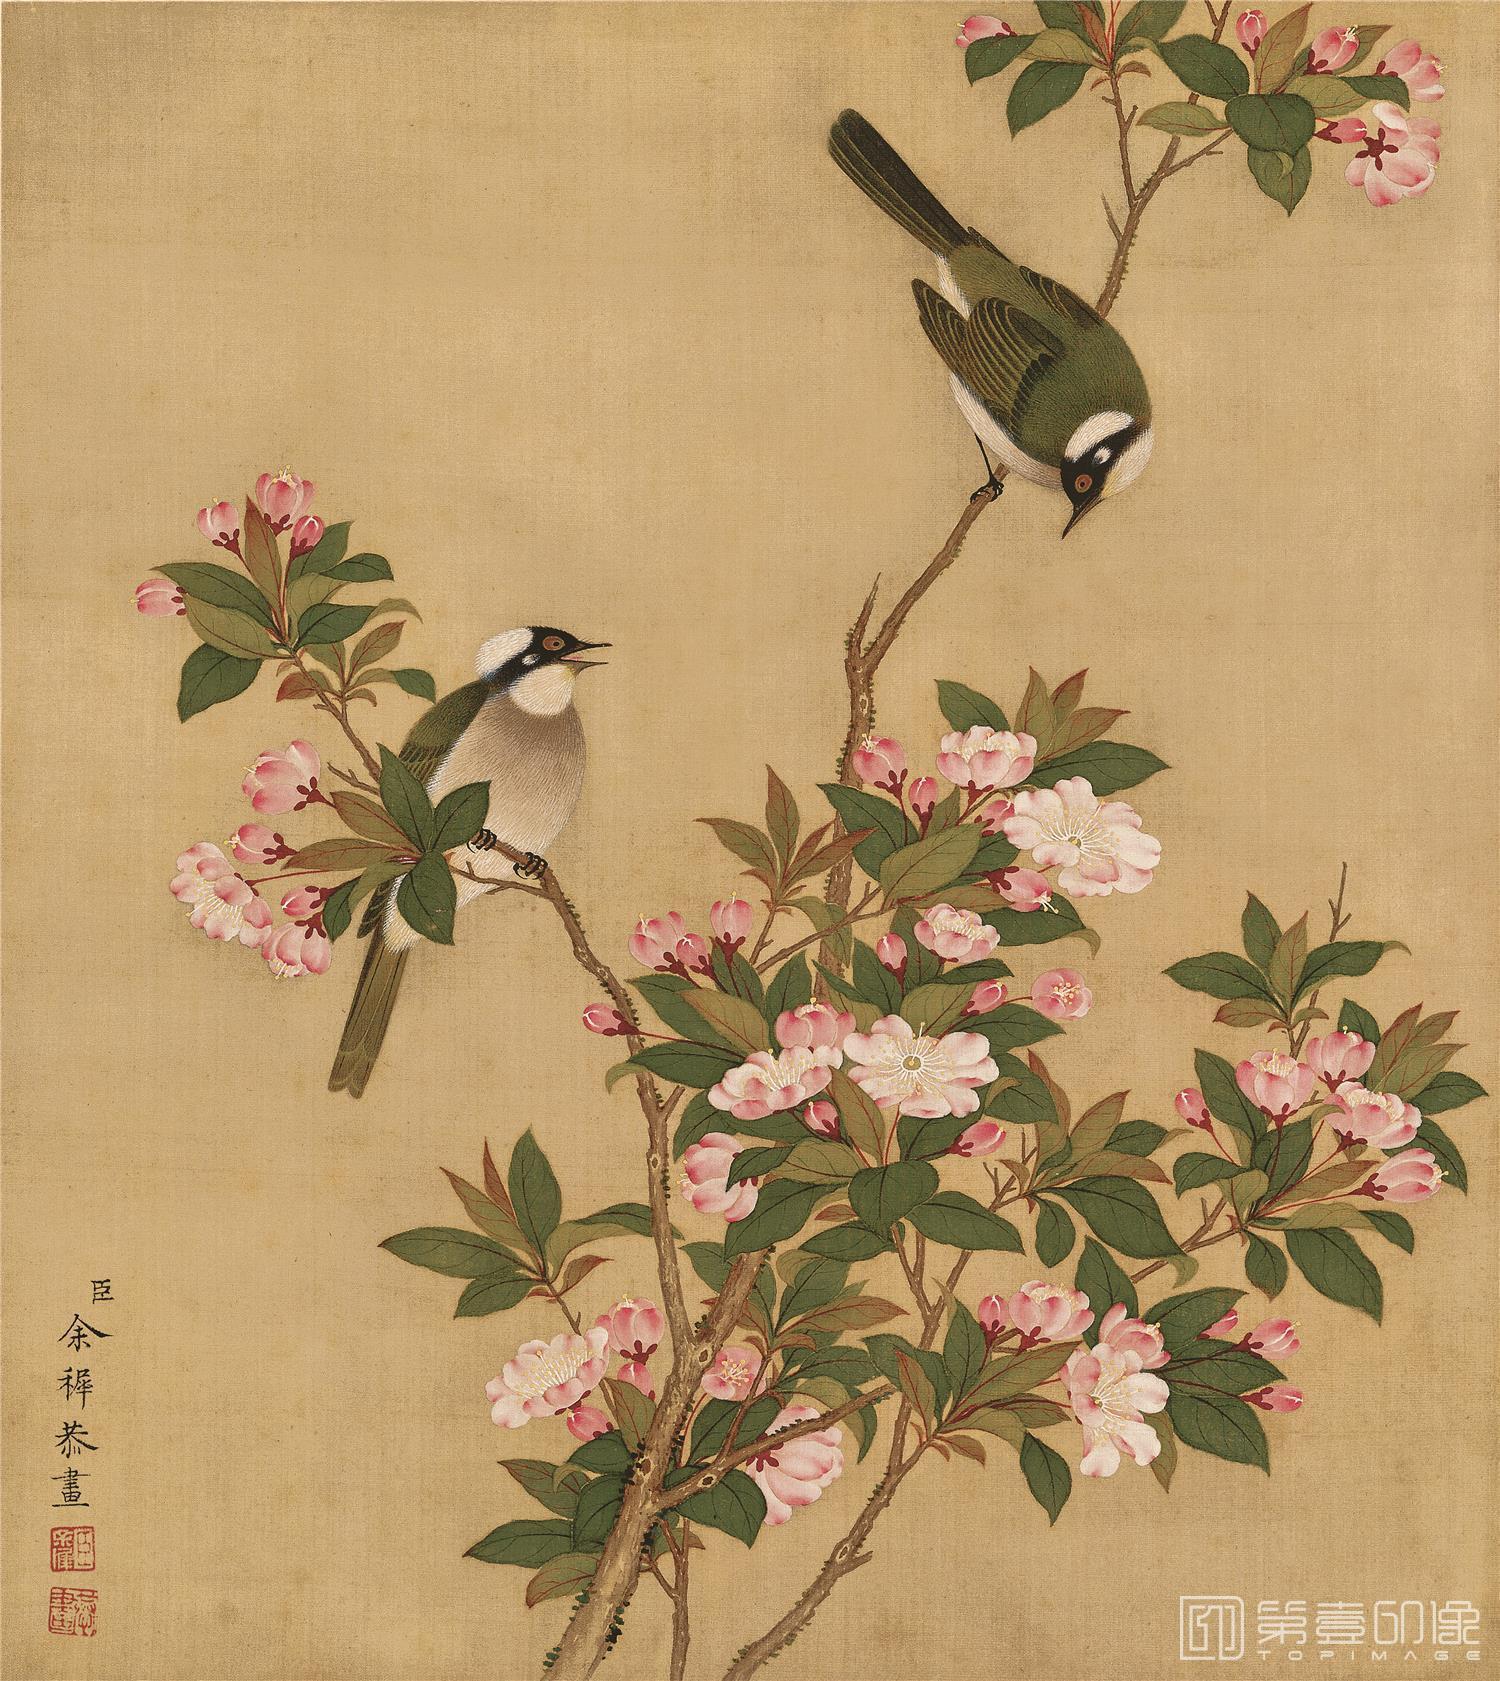 国画-国画-清-余稚-花鸟册-绢本-005-33x37cm